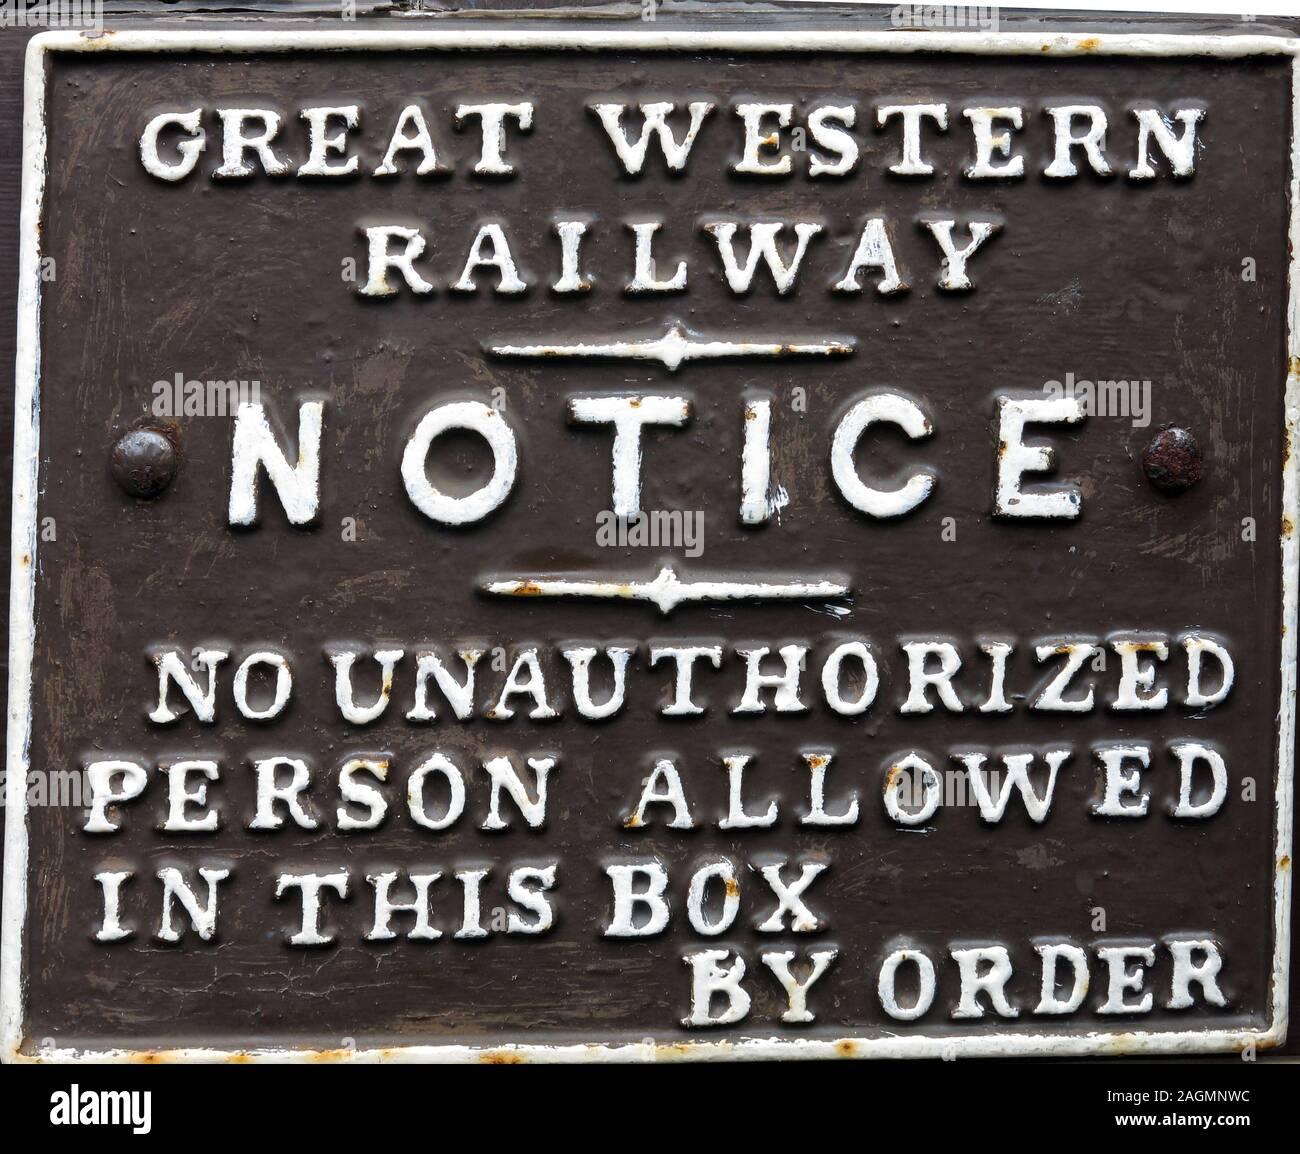 Dieses Stockfoto: GWR,Great Western Railway,Hinweis,keine unbefugte Person,erlaubt in diesem Feld,auf Bestellung,Schild - 2AGMNW